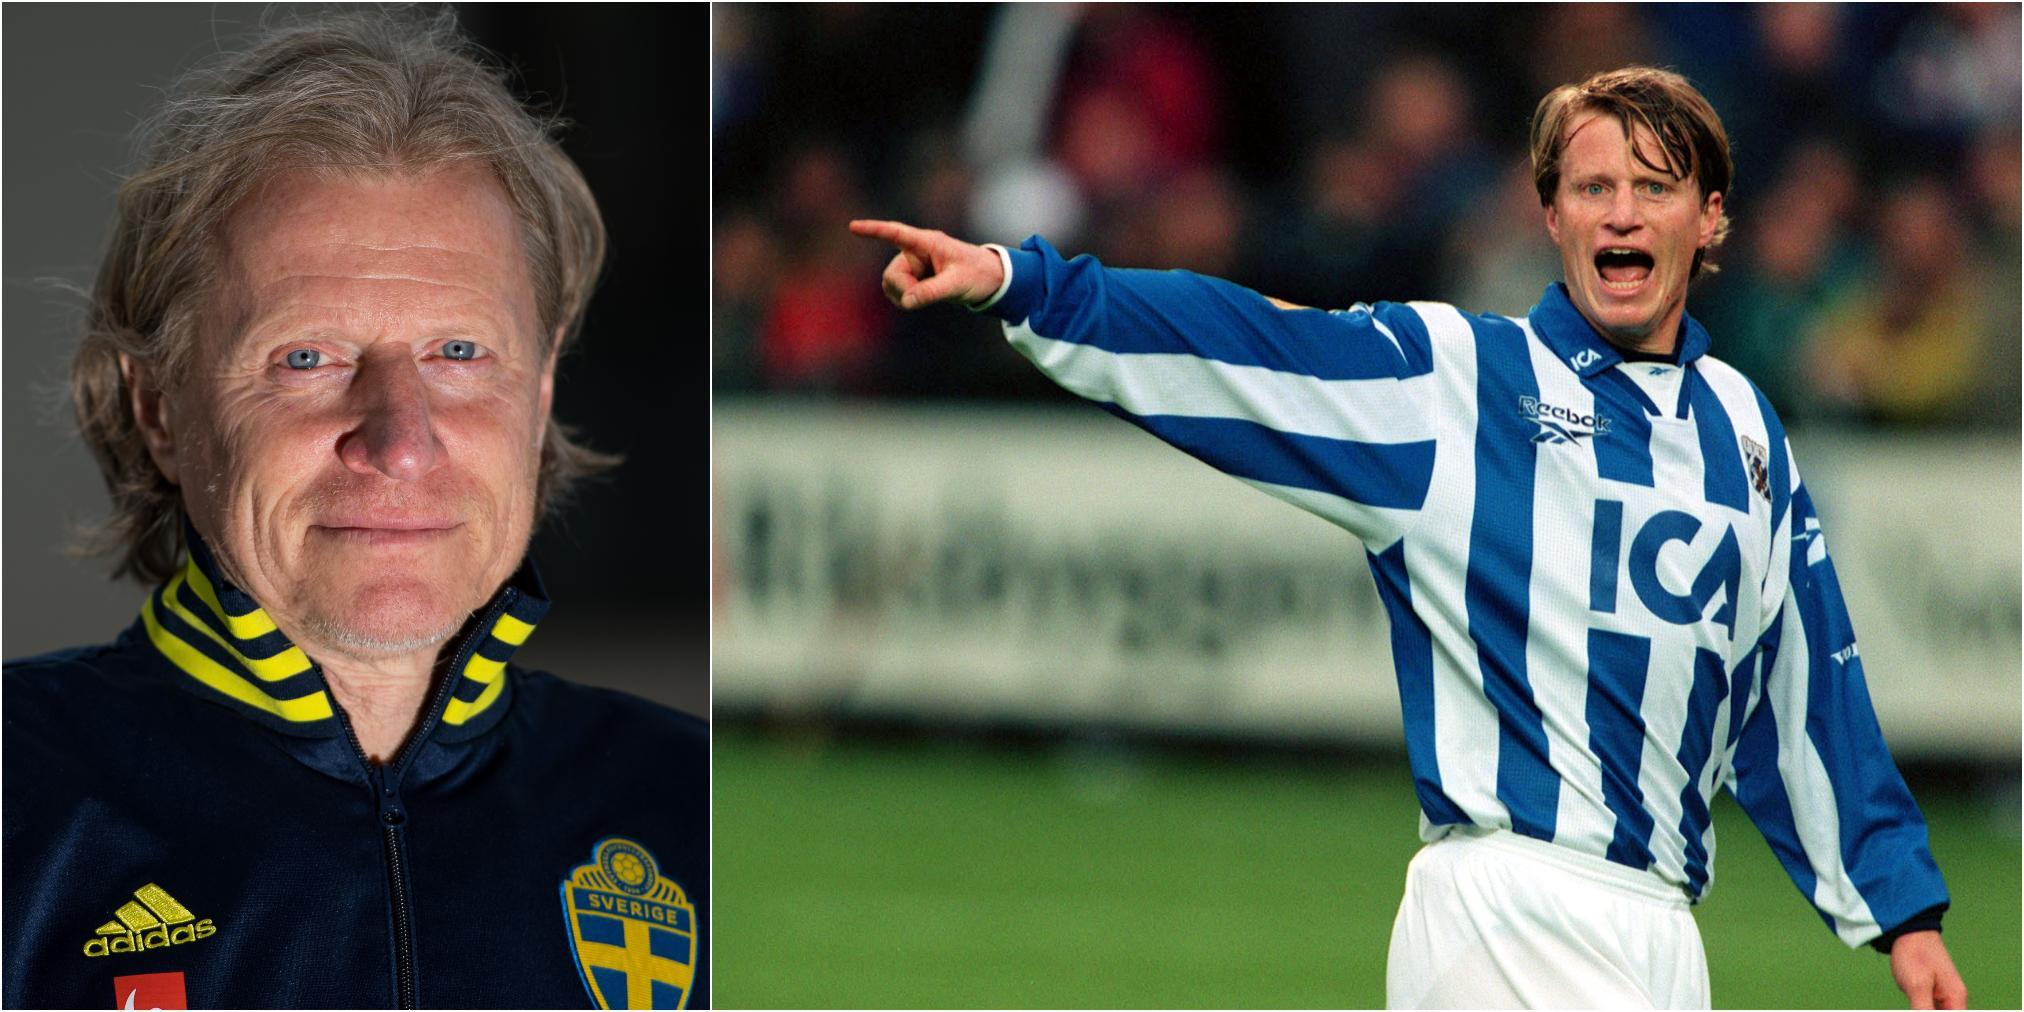 Landslagschefen Stefan Pettersson inför EM-slutspelet